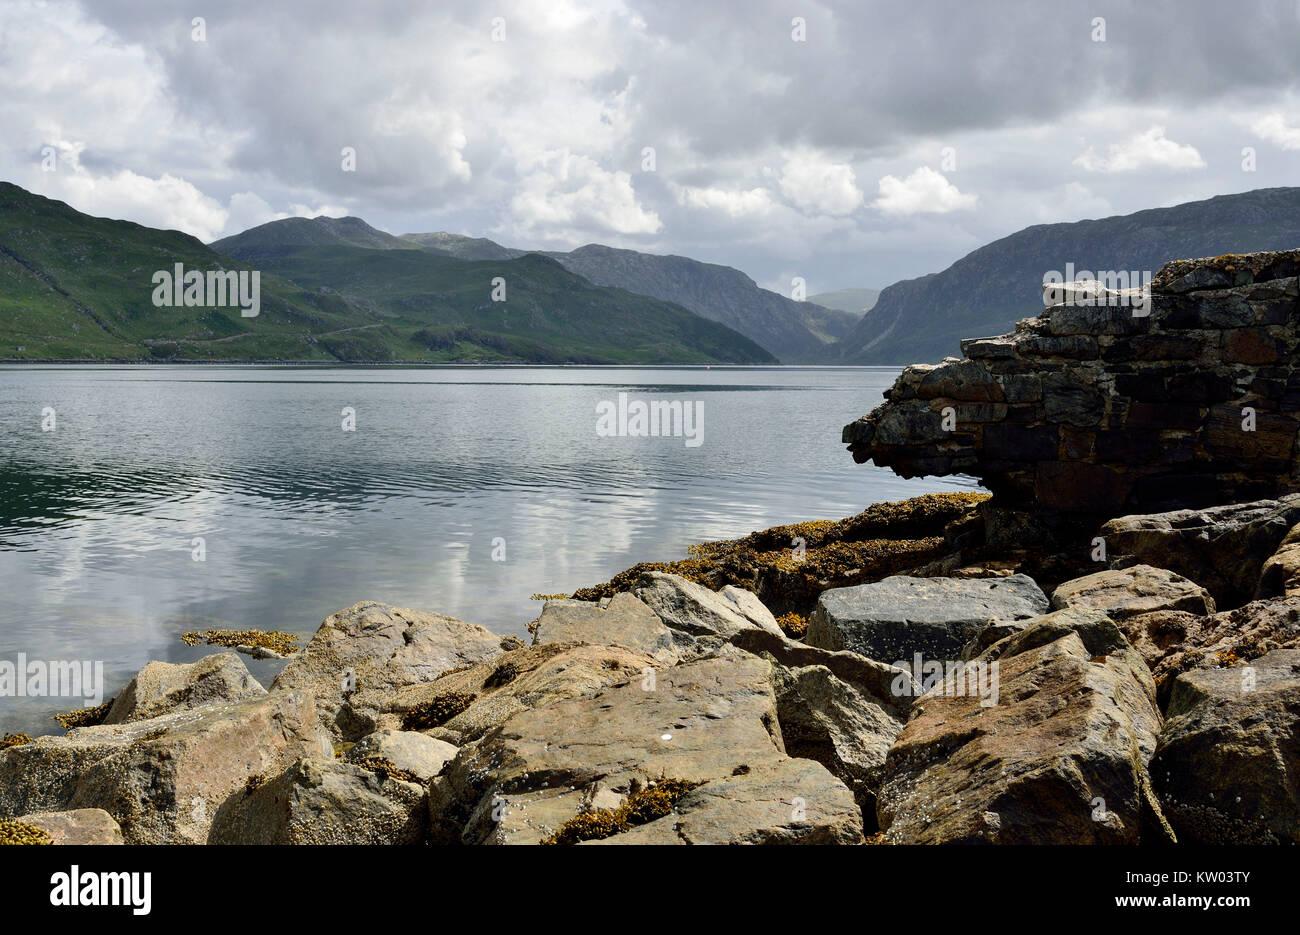 Scotland, highlands, hole Gleann Dubh , Schottland, Highlands, Loch Gleann Dubh Stock Photo